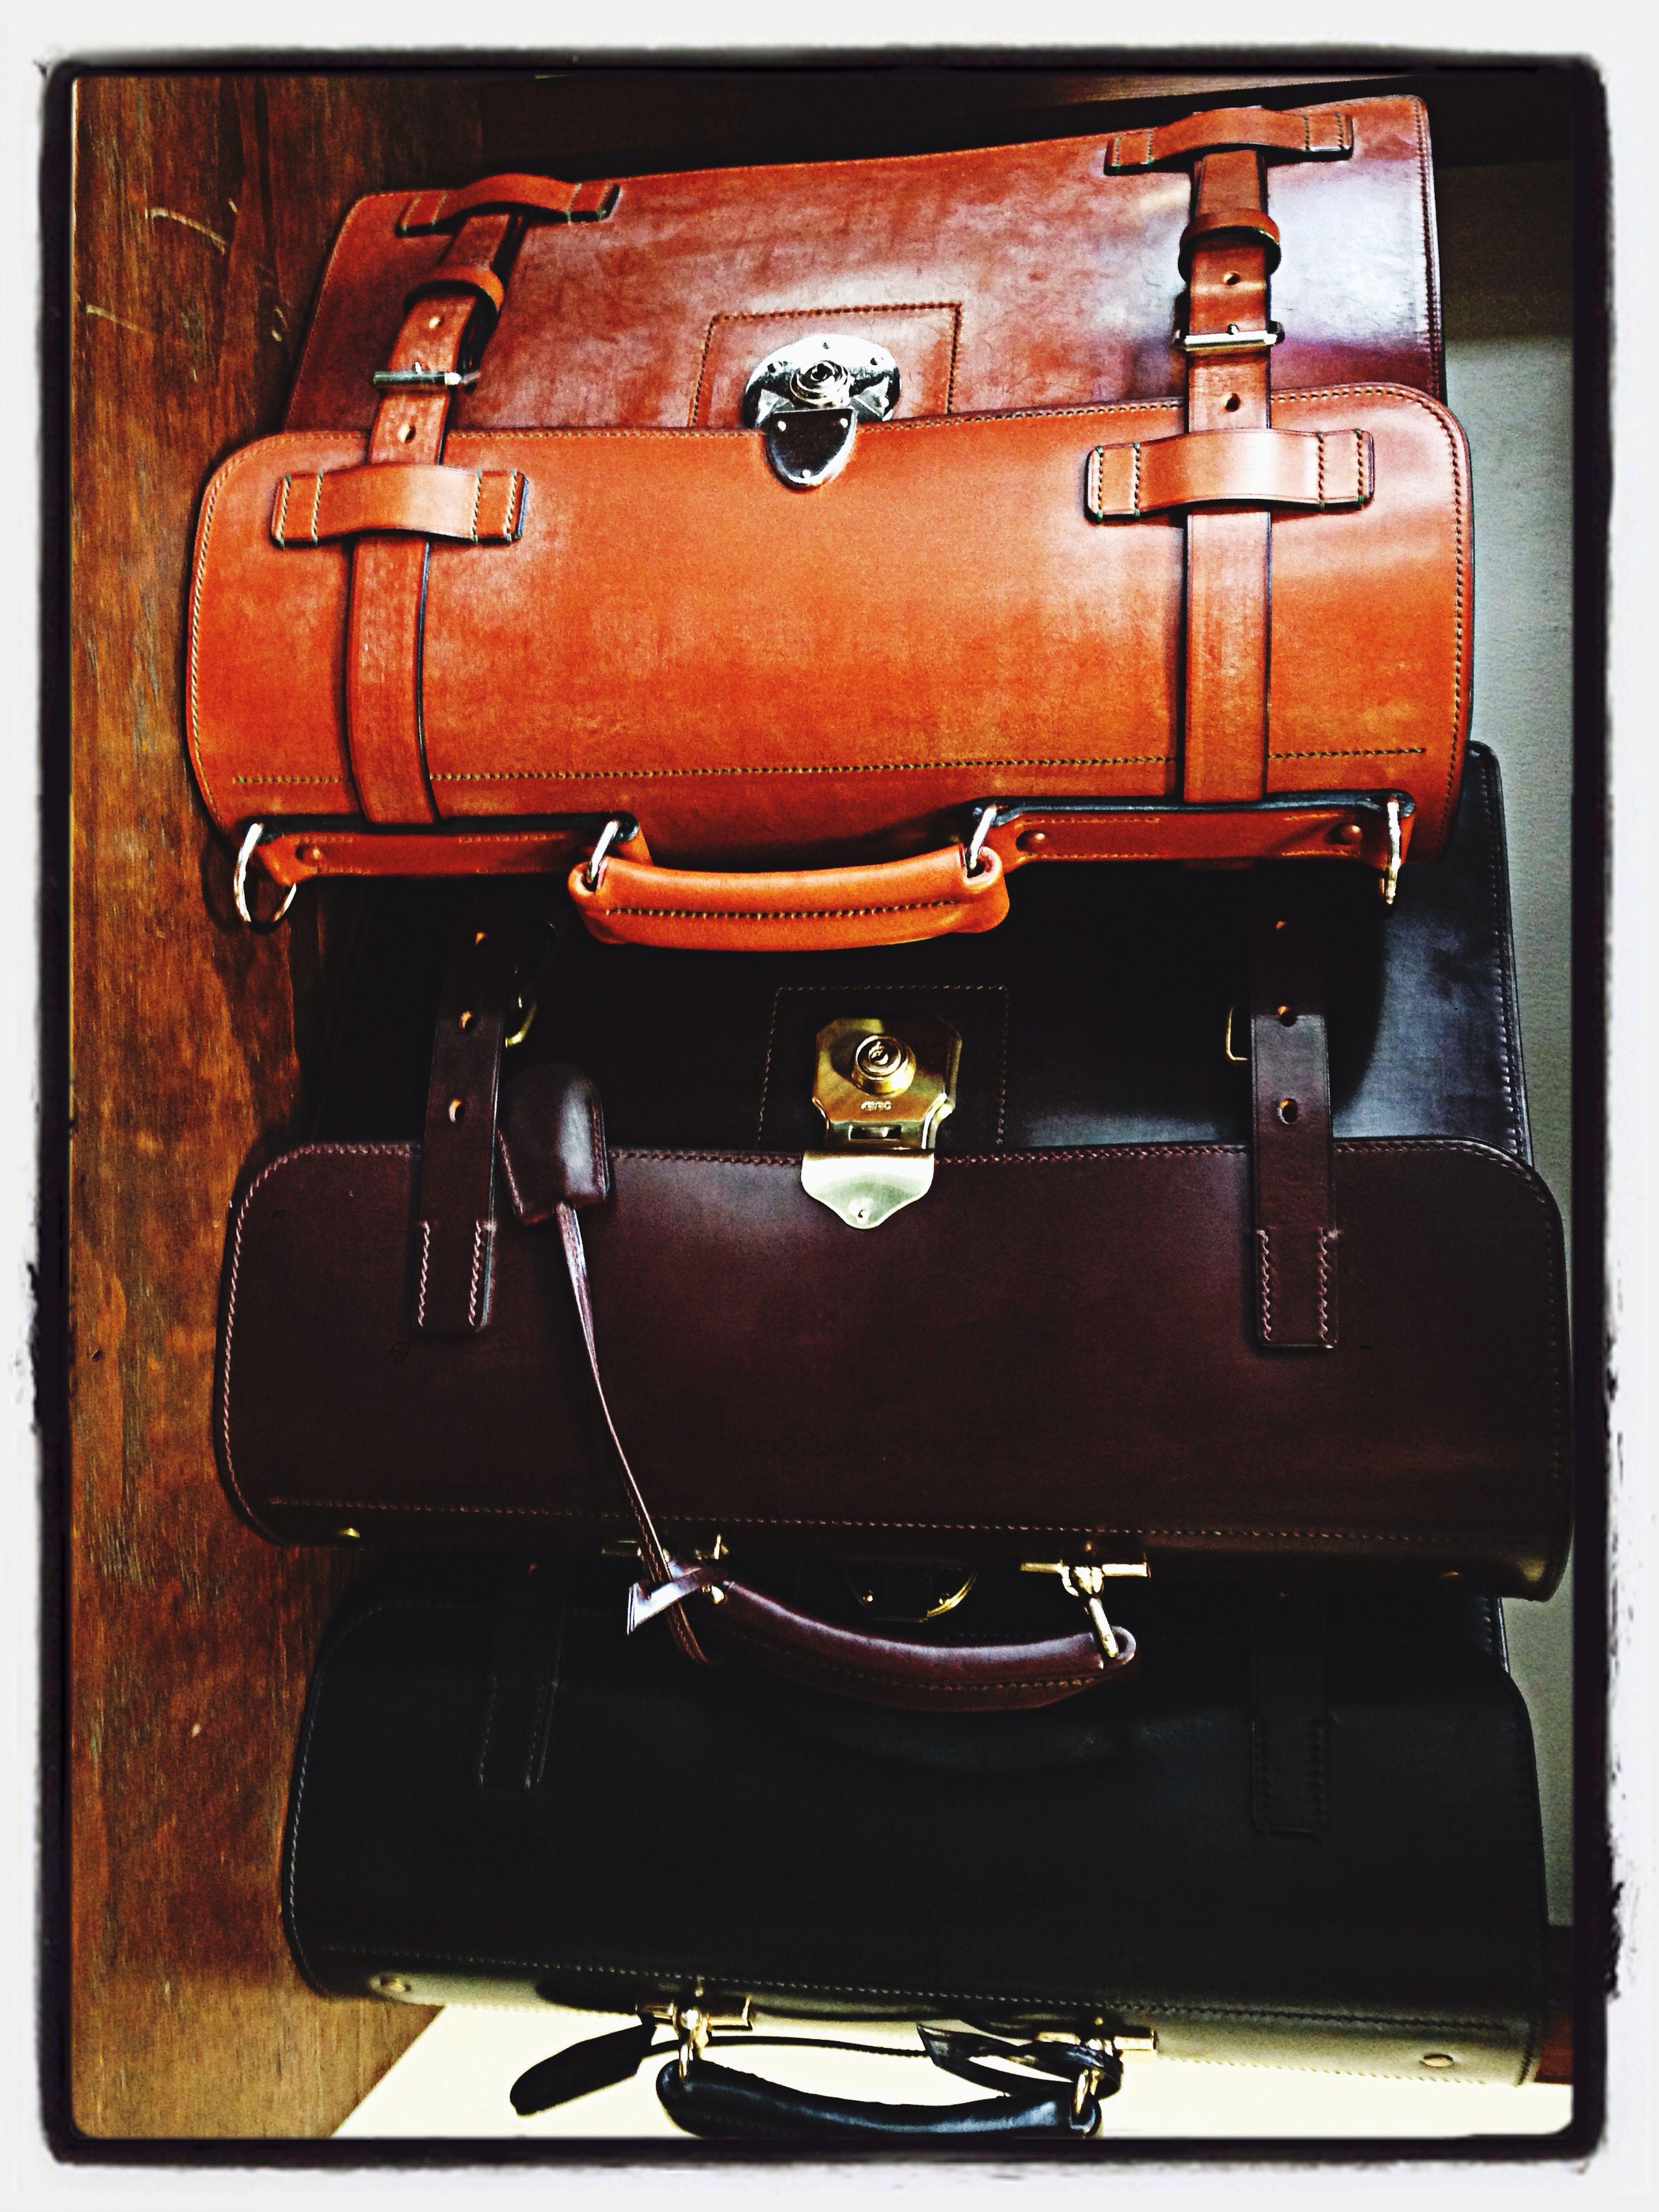 ブライドルレザーの手縫いブリーフケース Bag Luggage Leather Bag